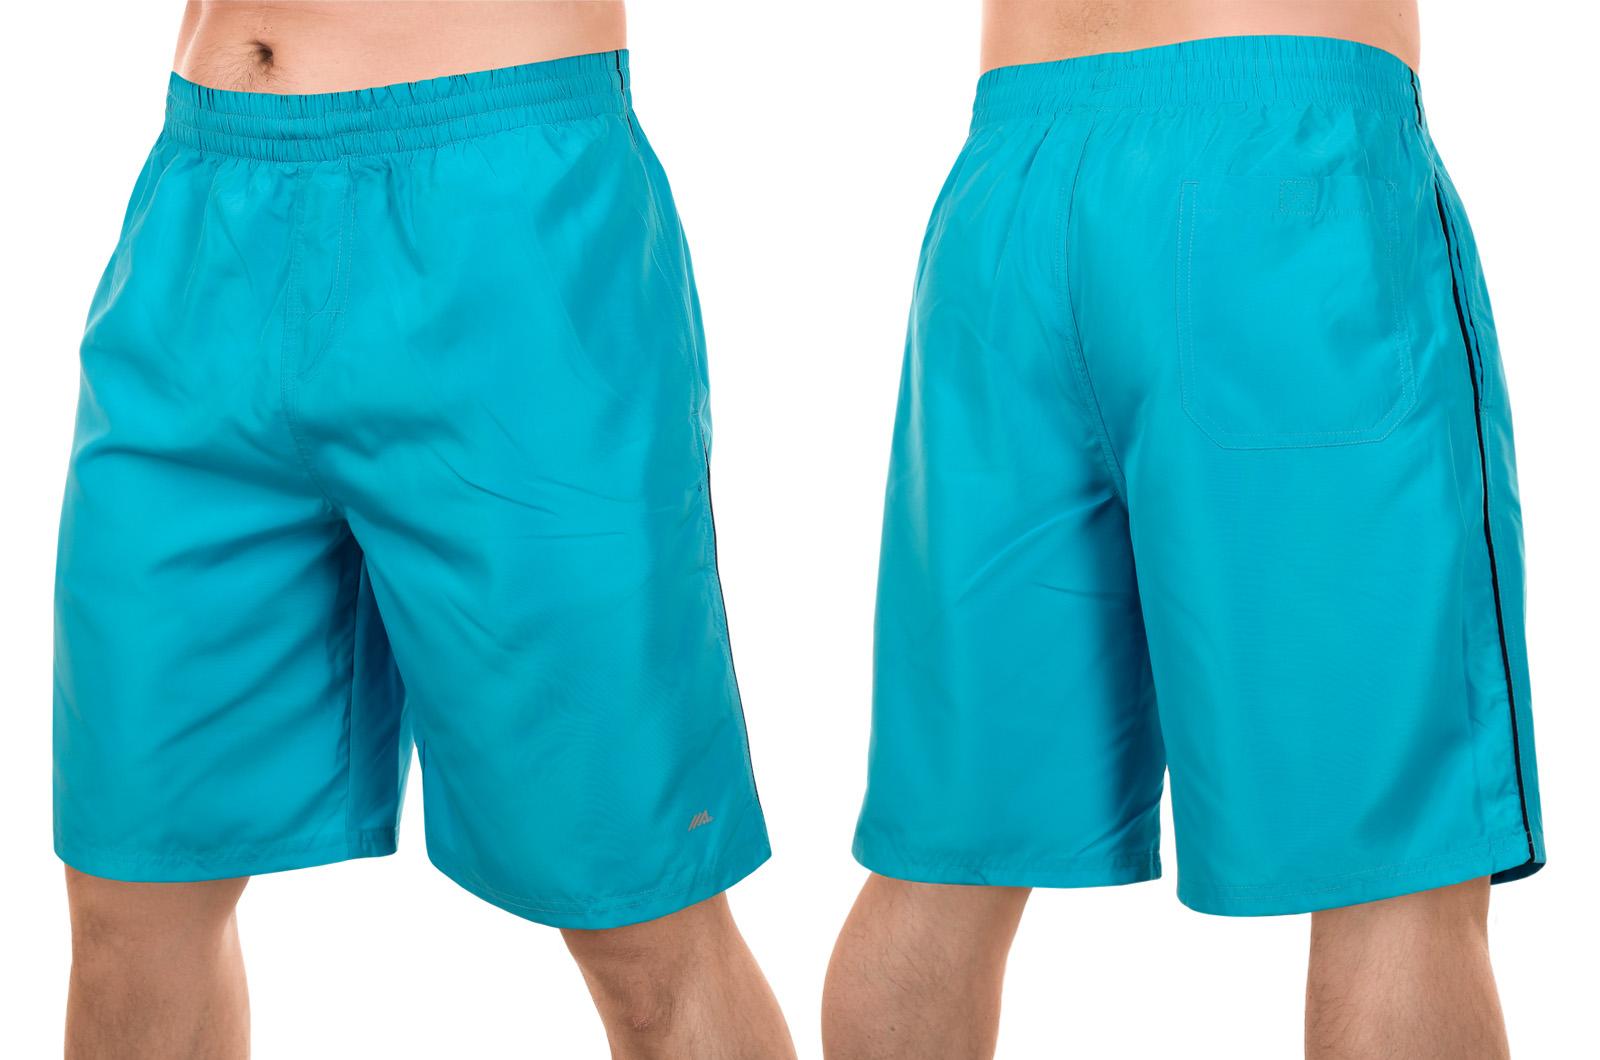 Заказать мужские шорты для отдыха на морском побережье от MACE (Канада)